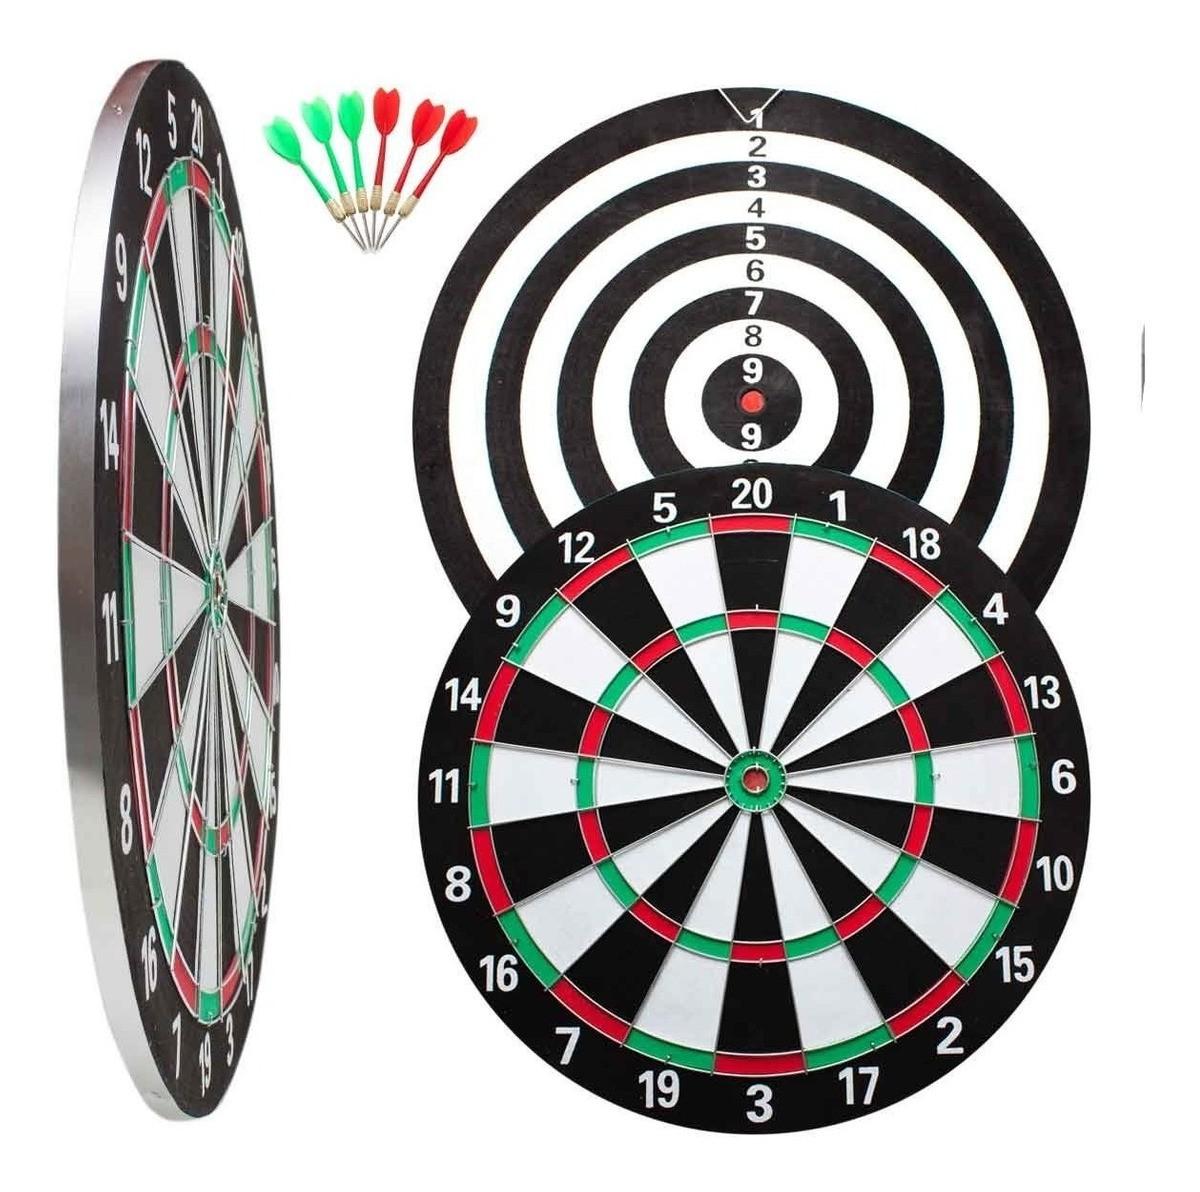 Jogo de dardos com alvo de 42cm de diametro 6 dardos atrio es170